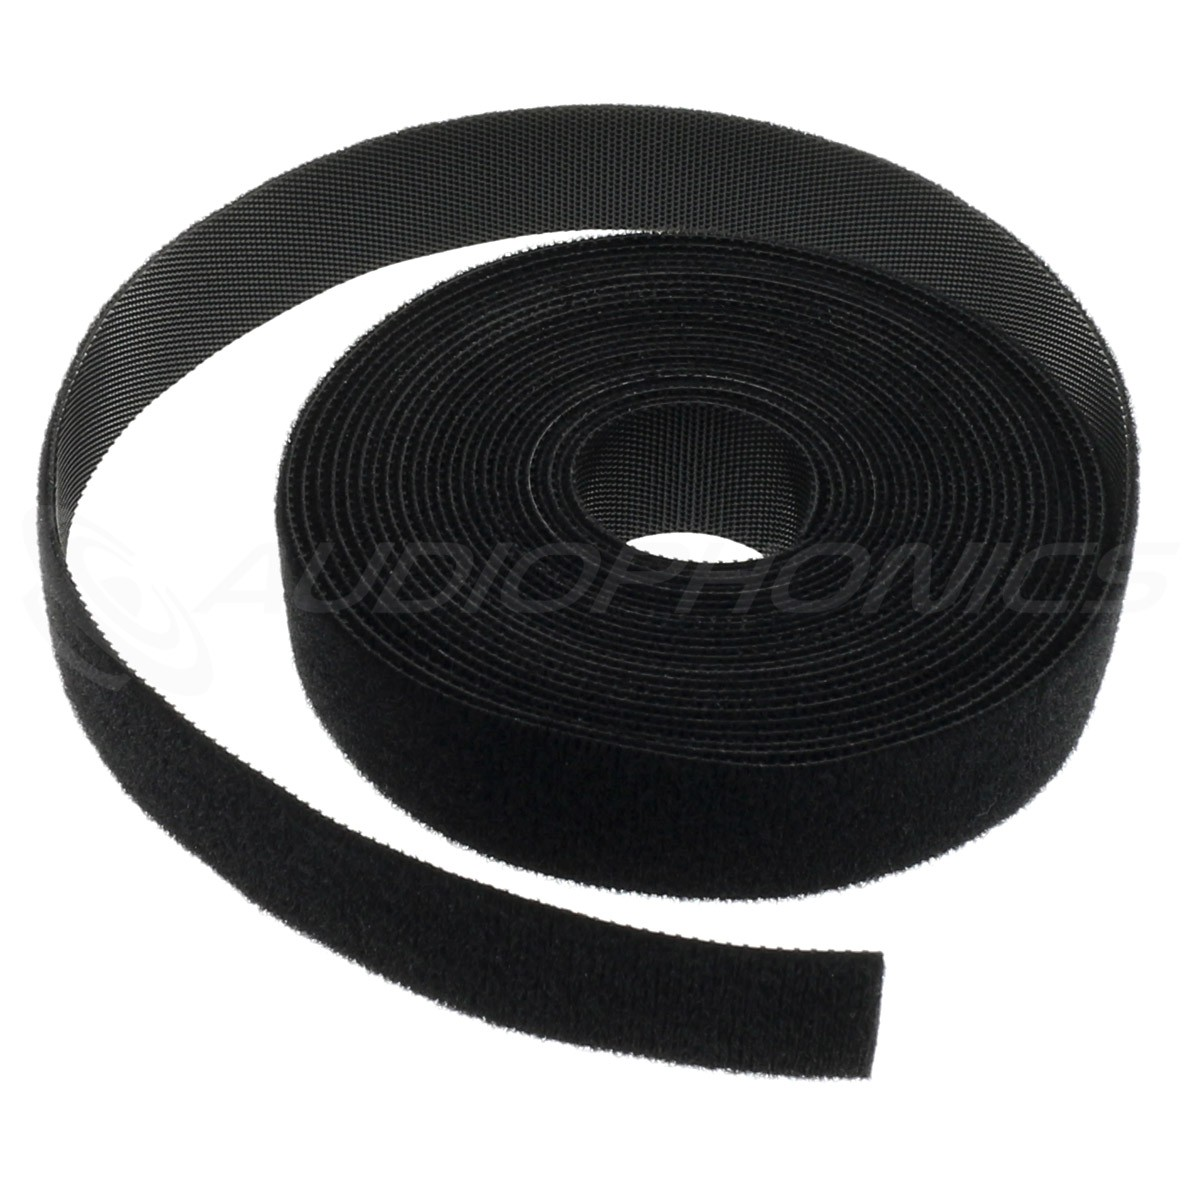 CABLE STRAP Rouleau - serre câble Scratch 1.8m